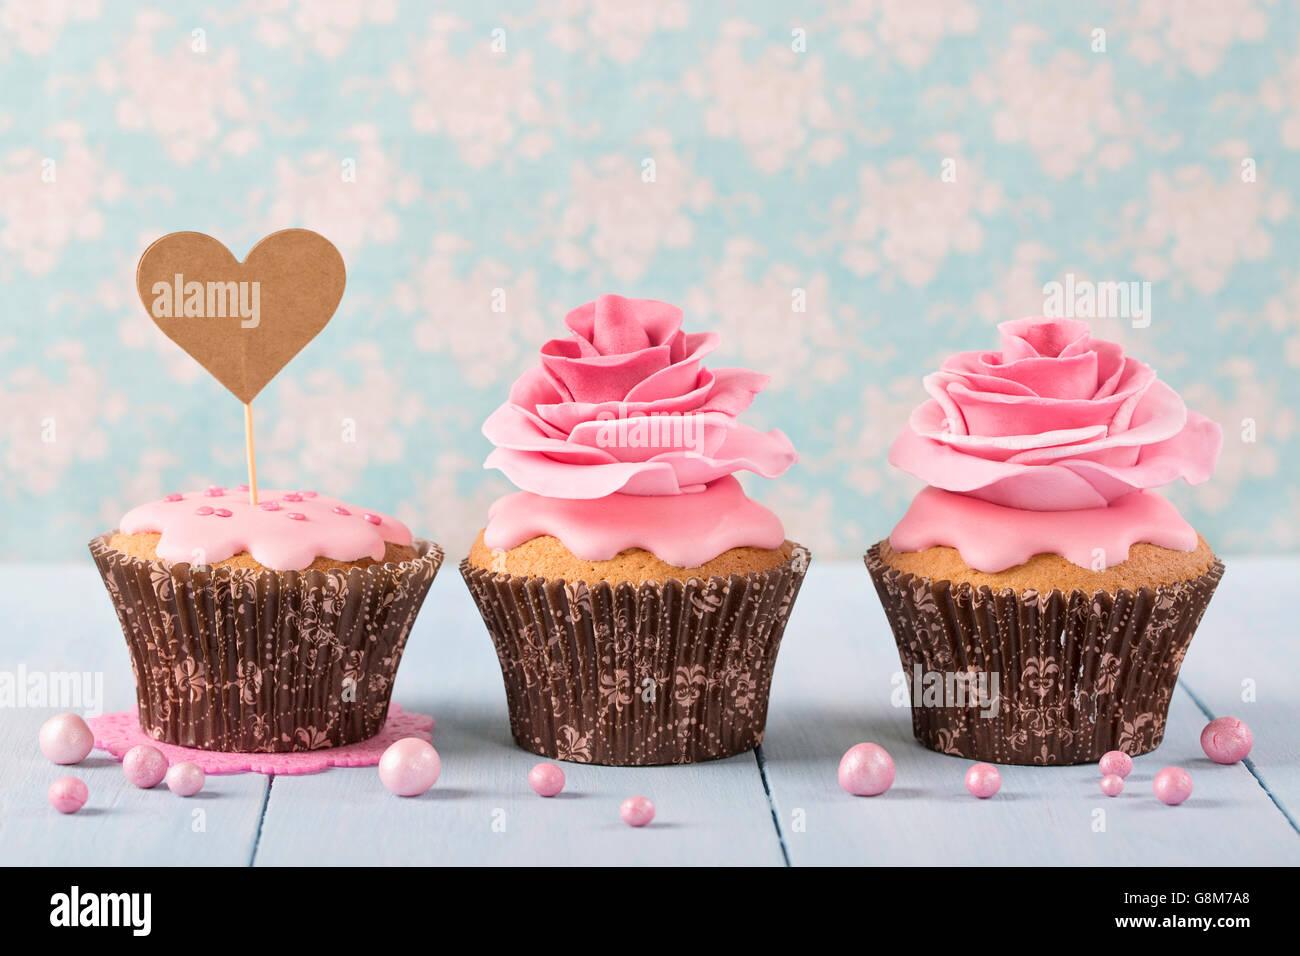 Cupcakes con corazón cakepick para texto Imagen De Stock